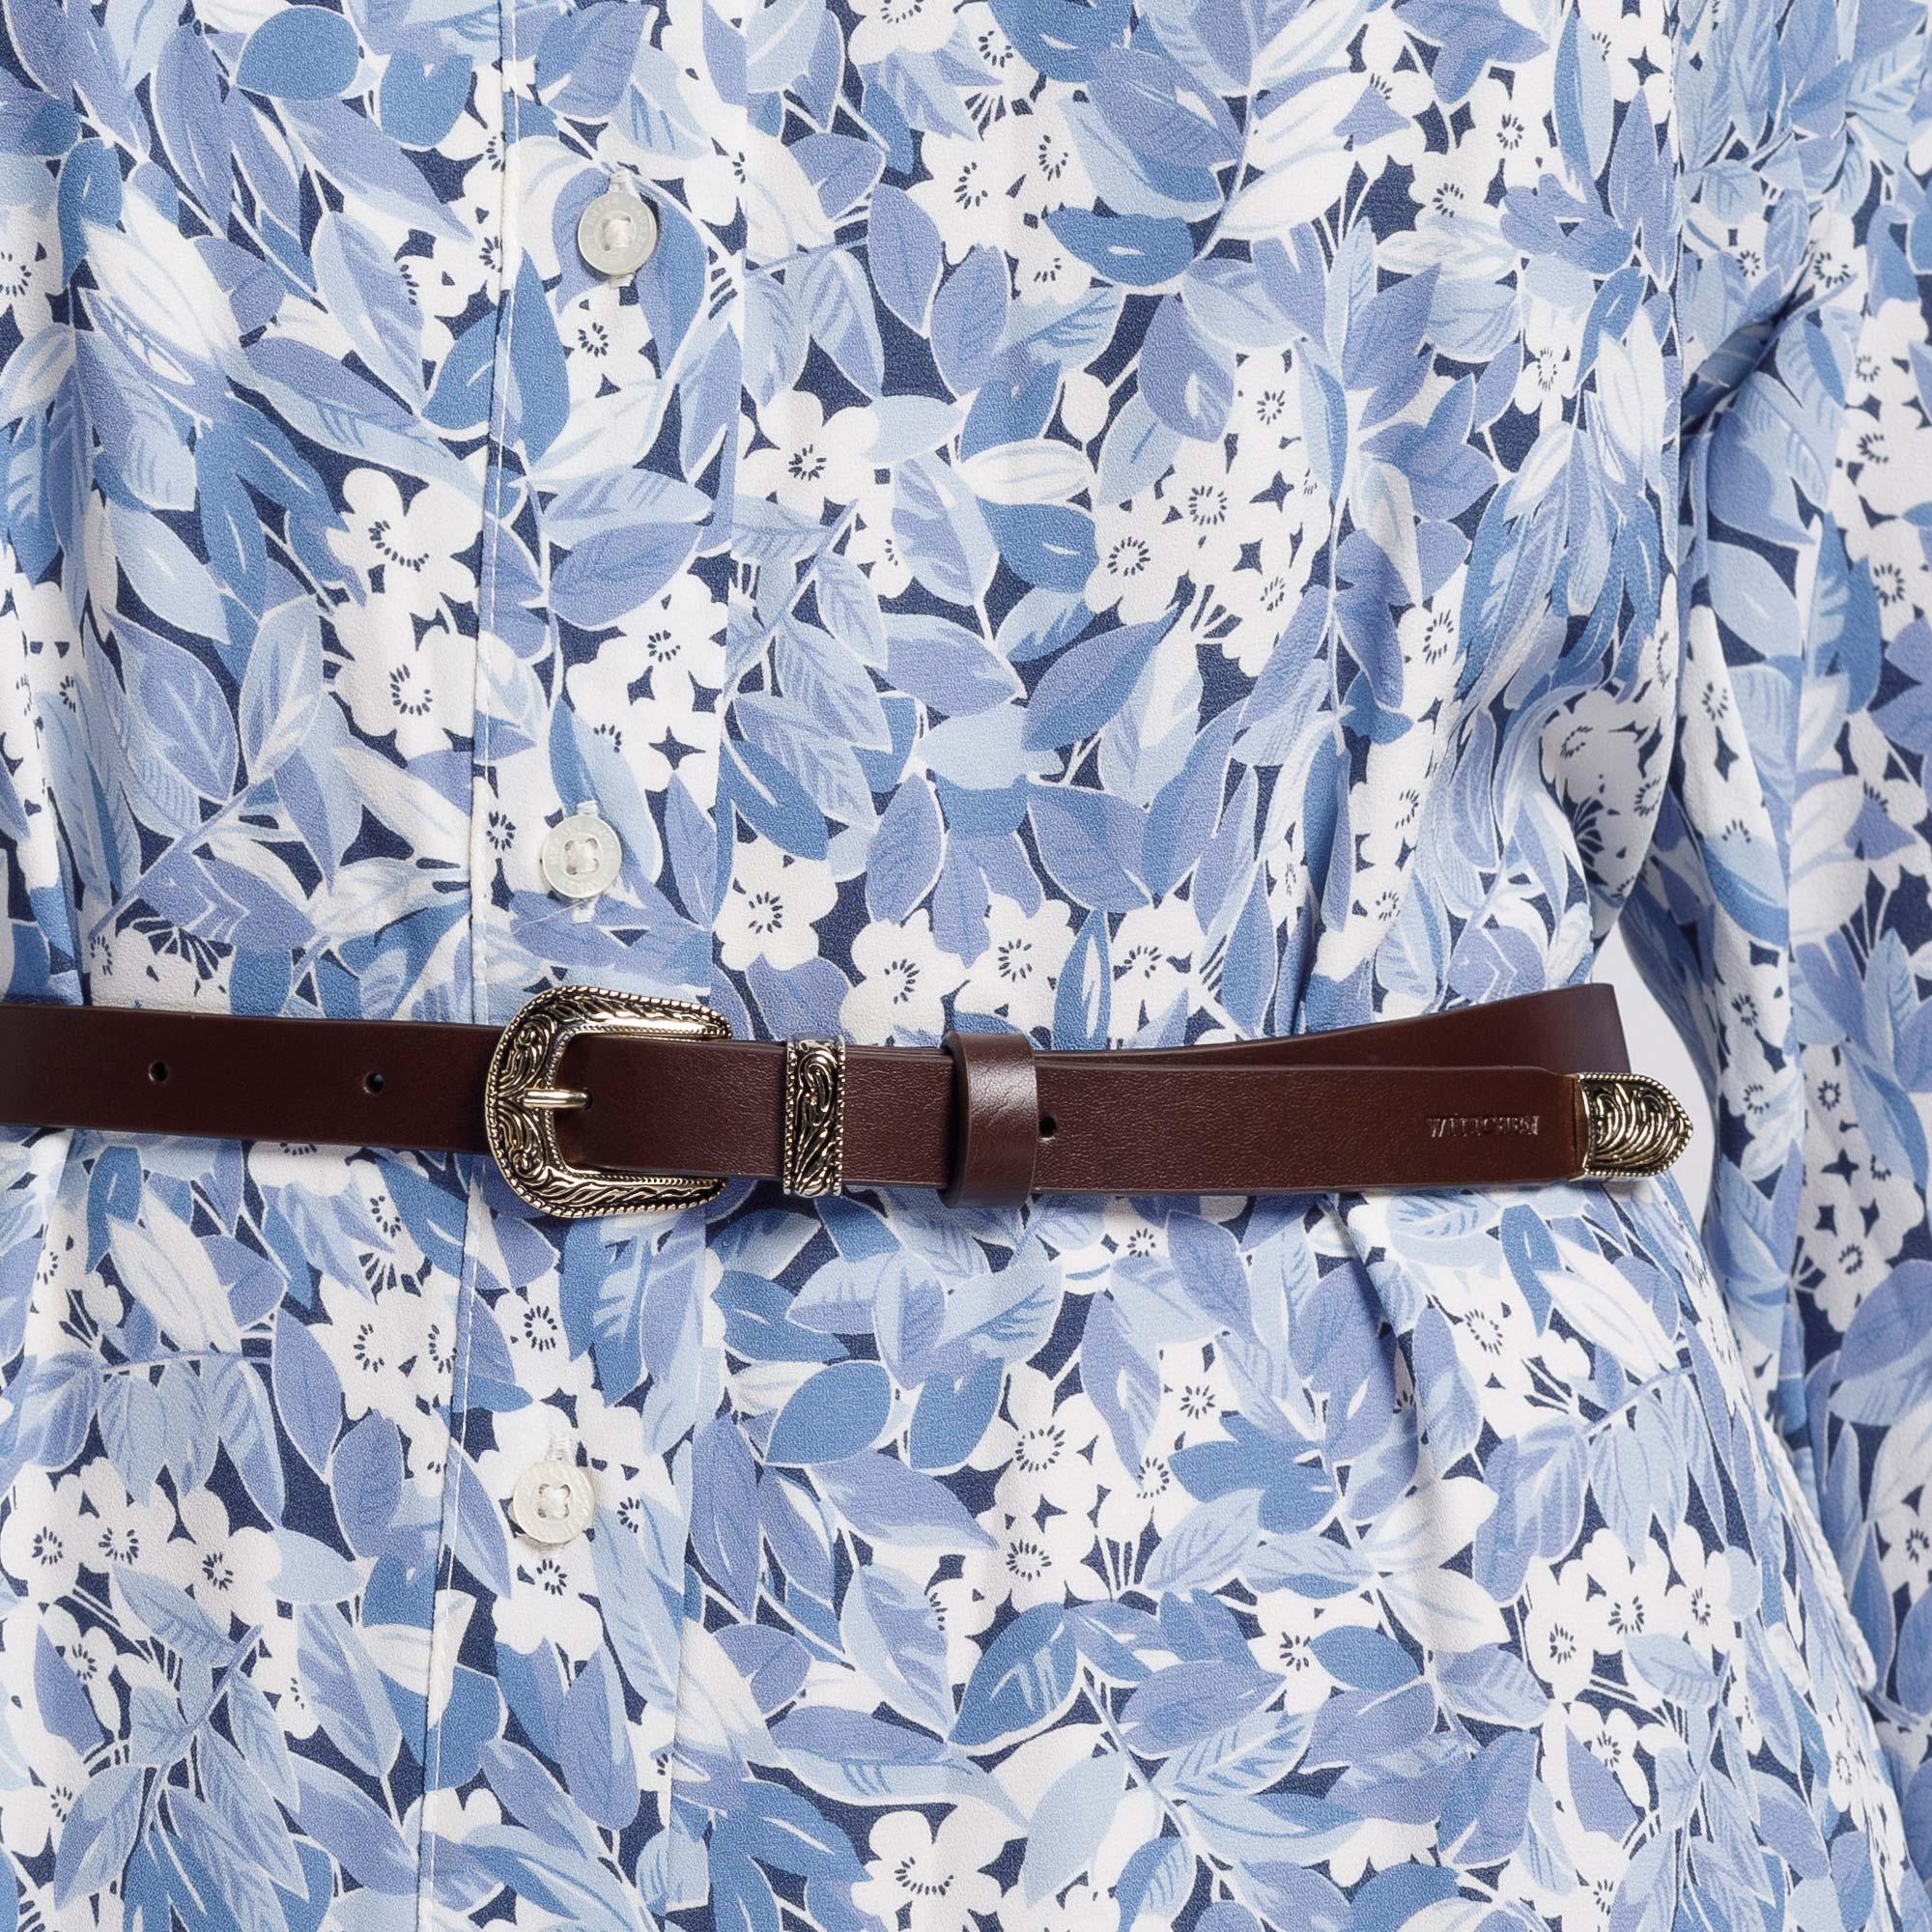 Damski pasek skórzany z ornamentem, brązowy, 92-8D-304-4-M, Zdjęcie 1